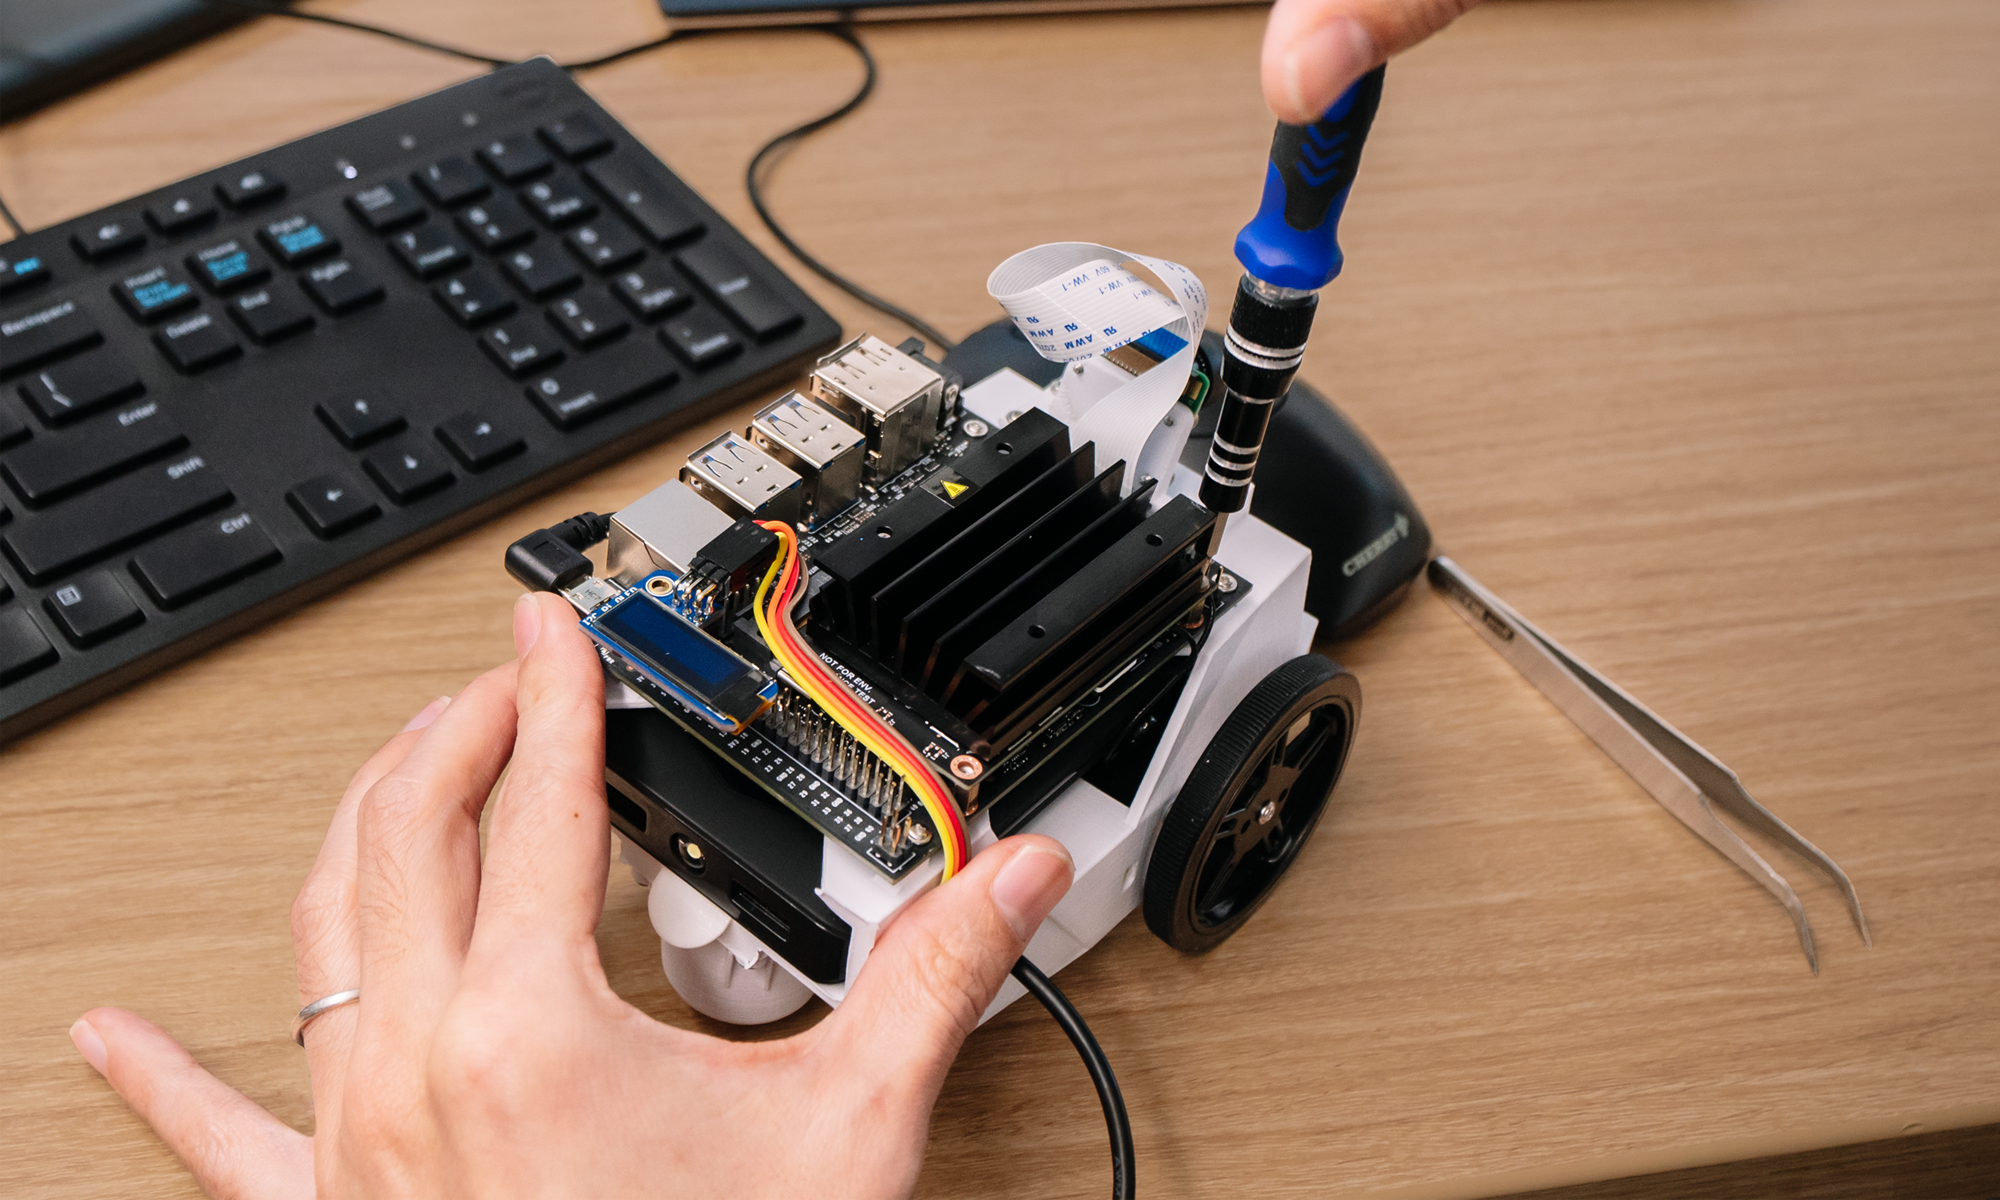 Nvidia's new $99 Jetson Nano computer